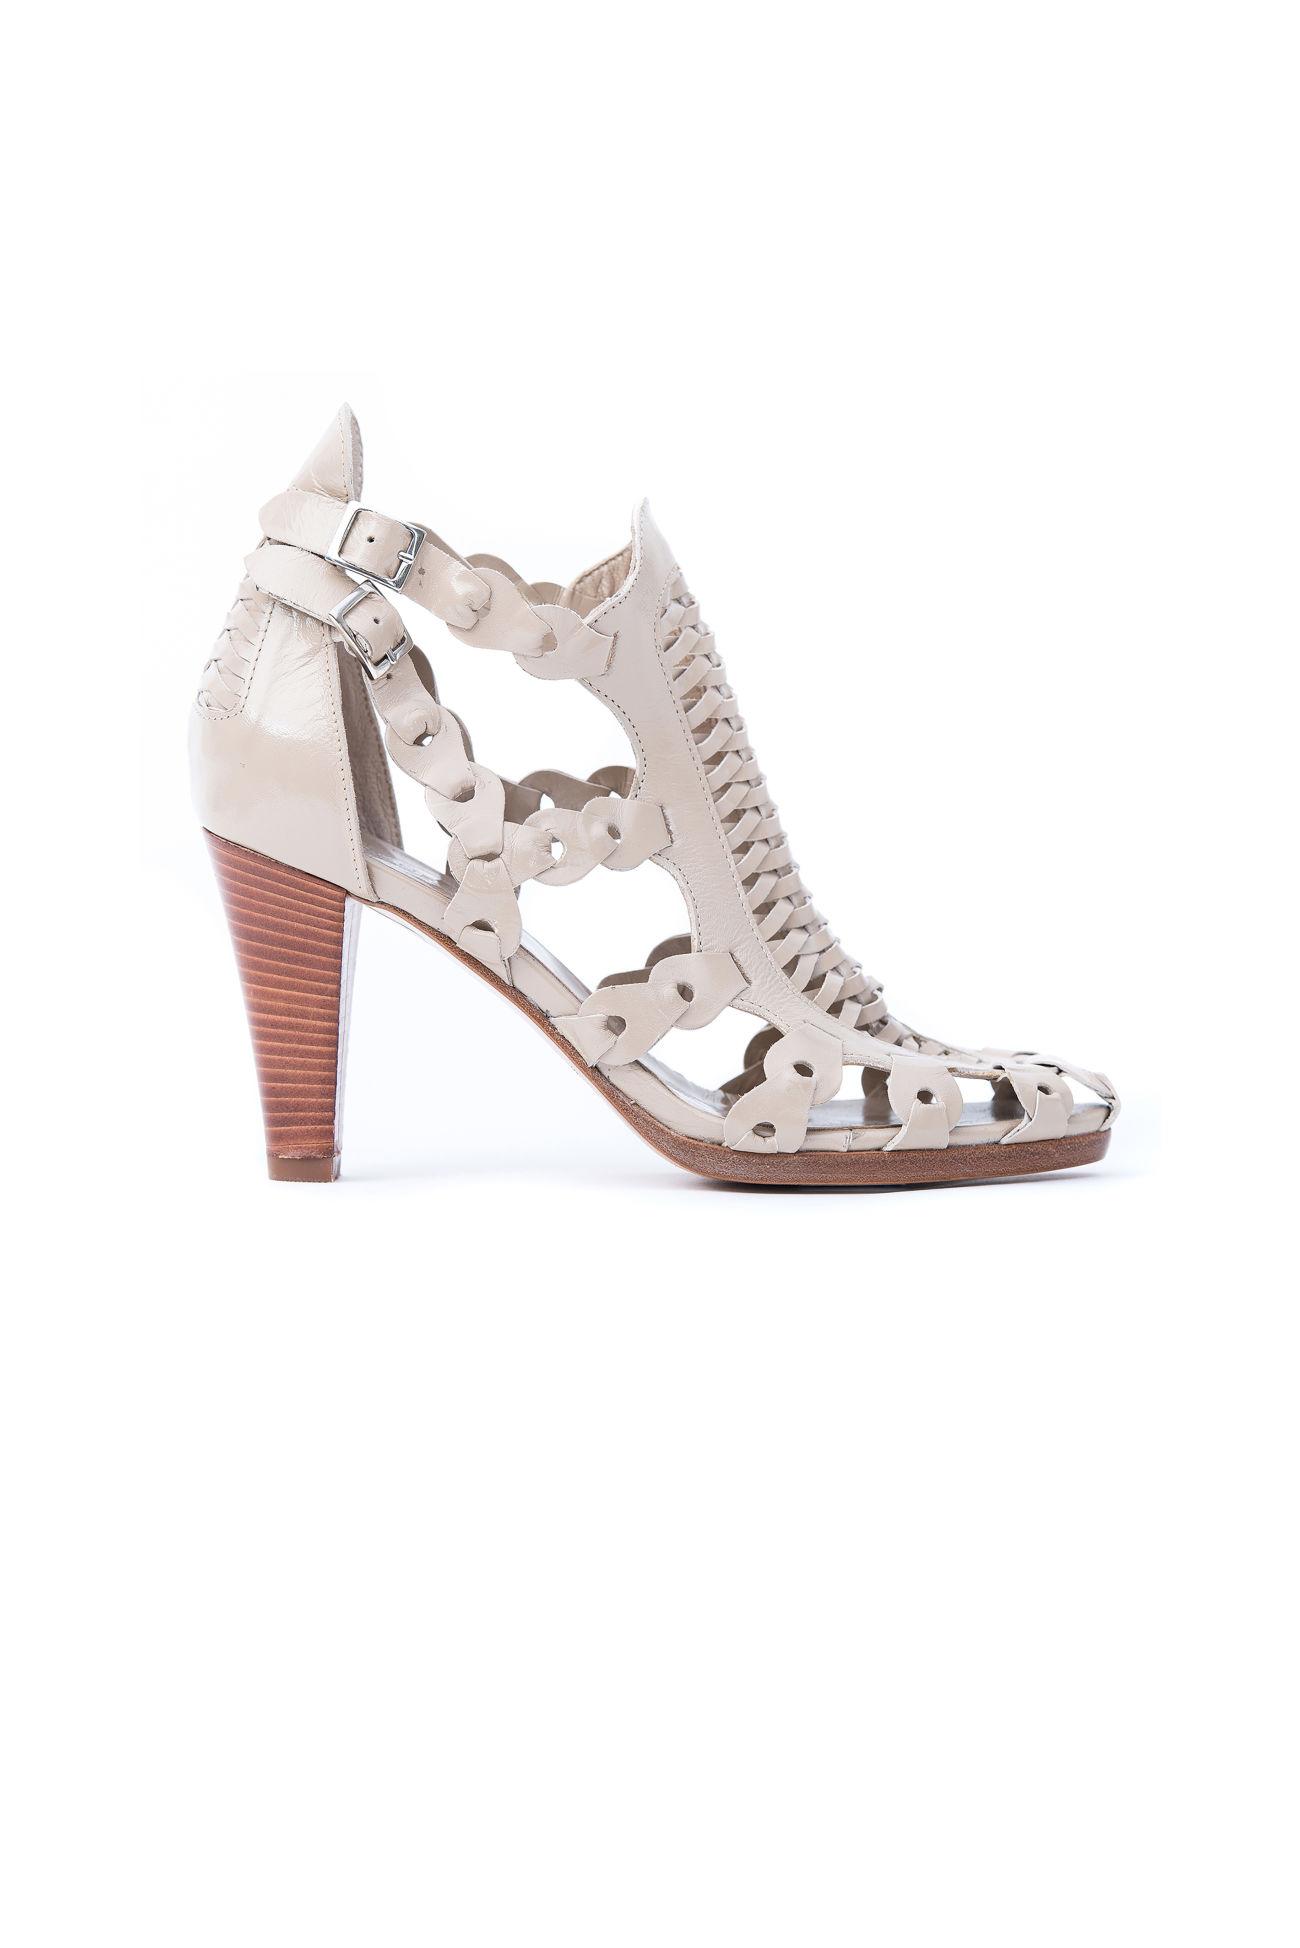 AMAL leather sandal